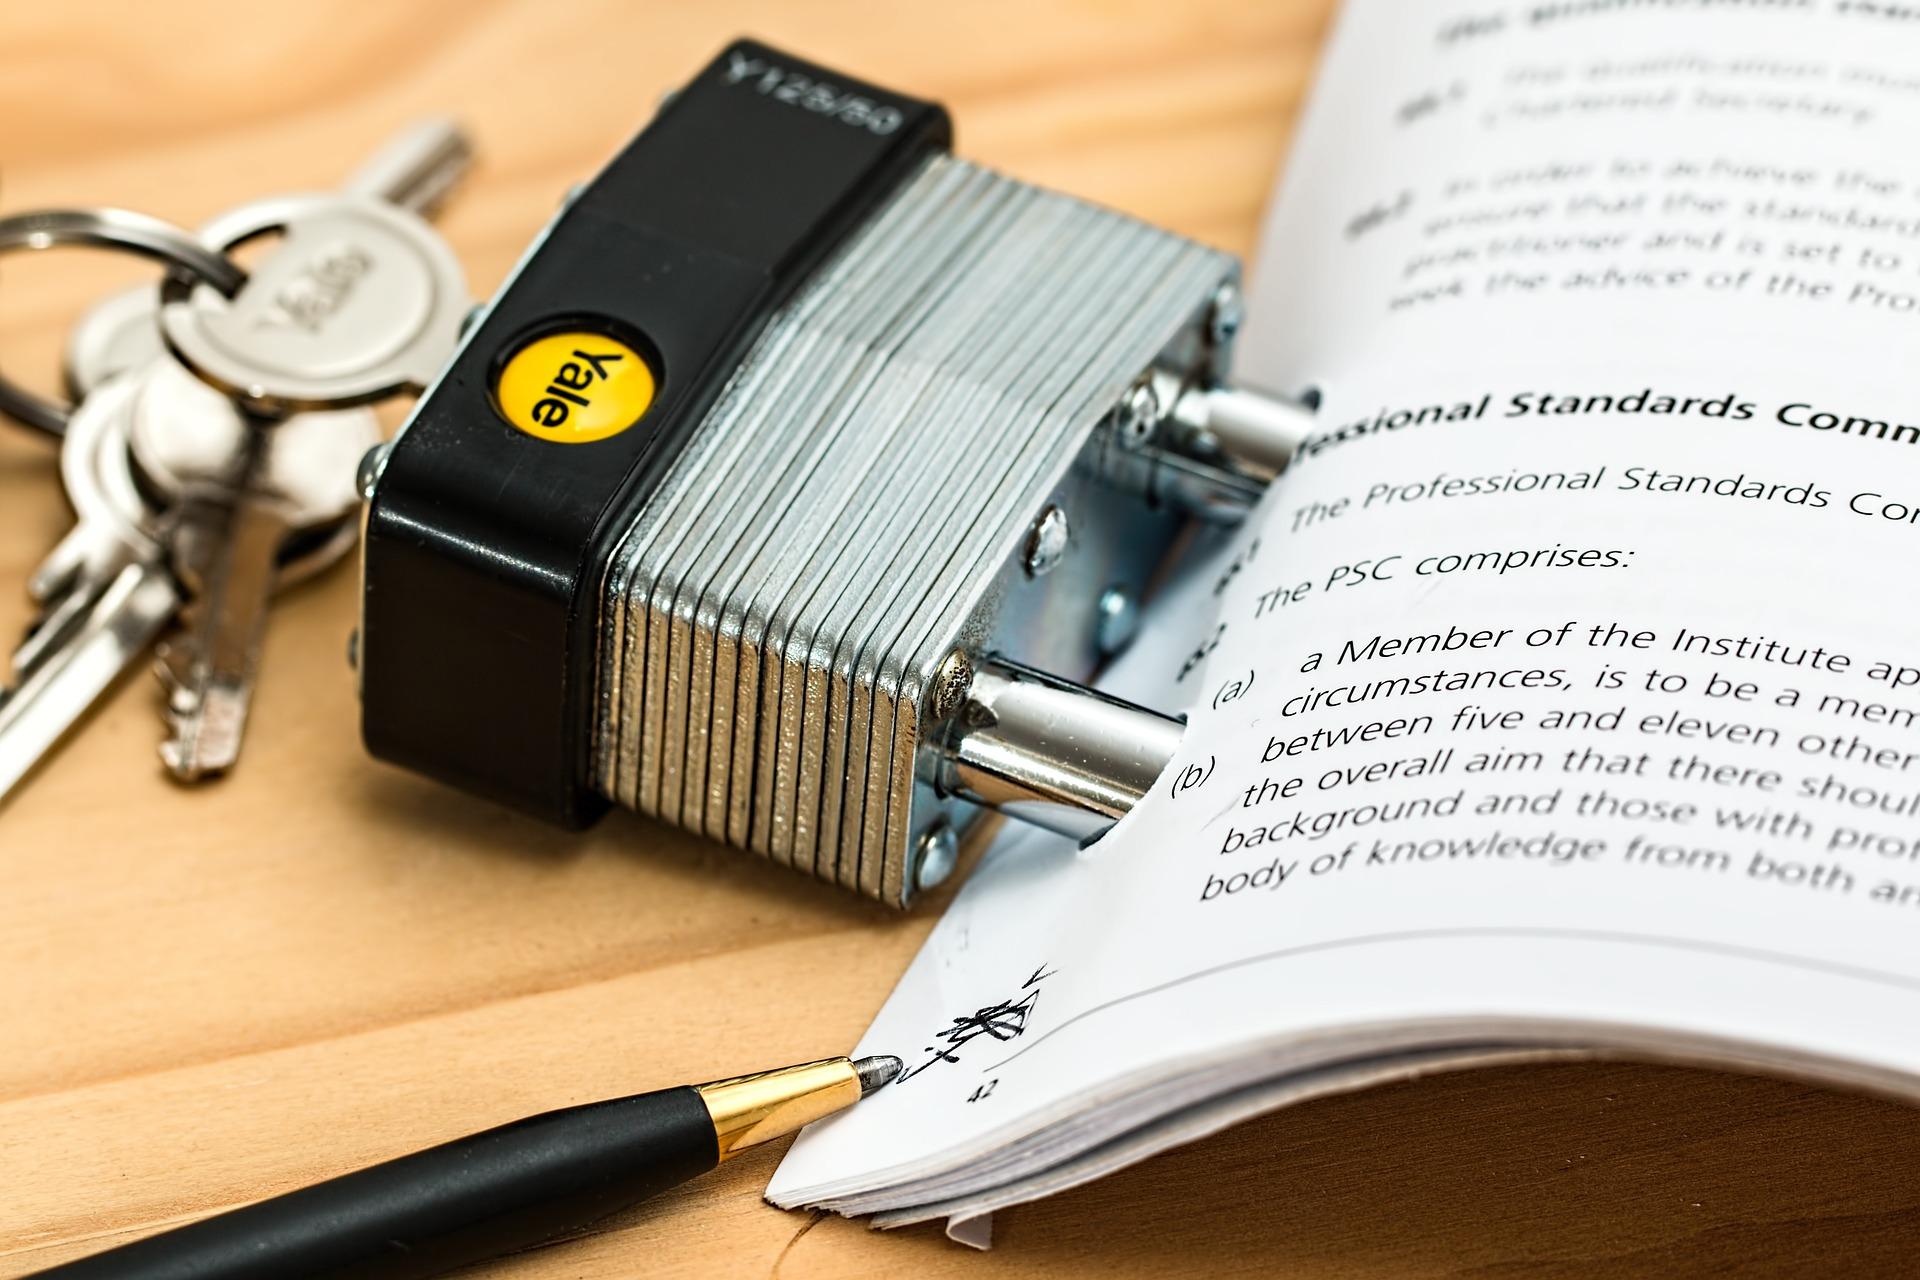 Kolejnym elementem badania stanu prawnego działki jest sprawdzenie w urzędzie gminy